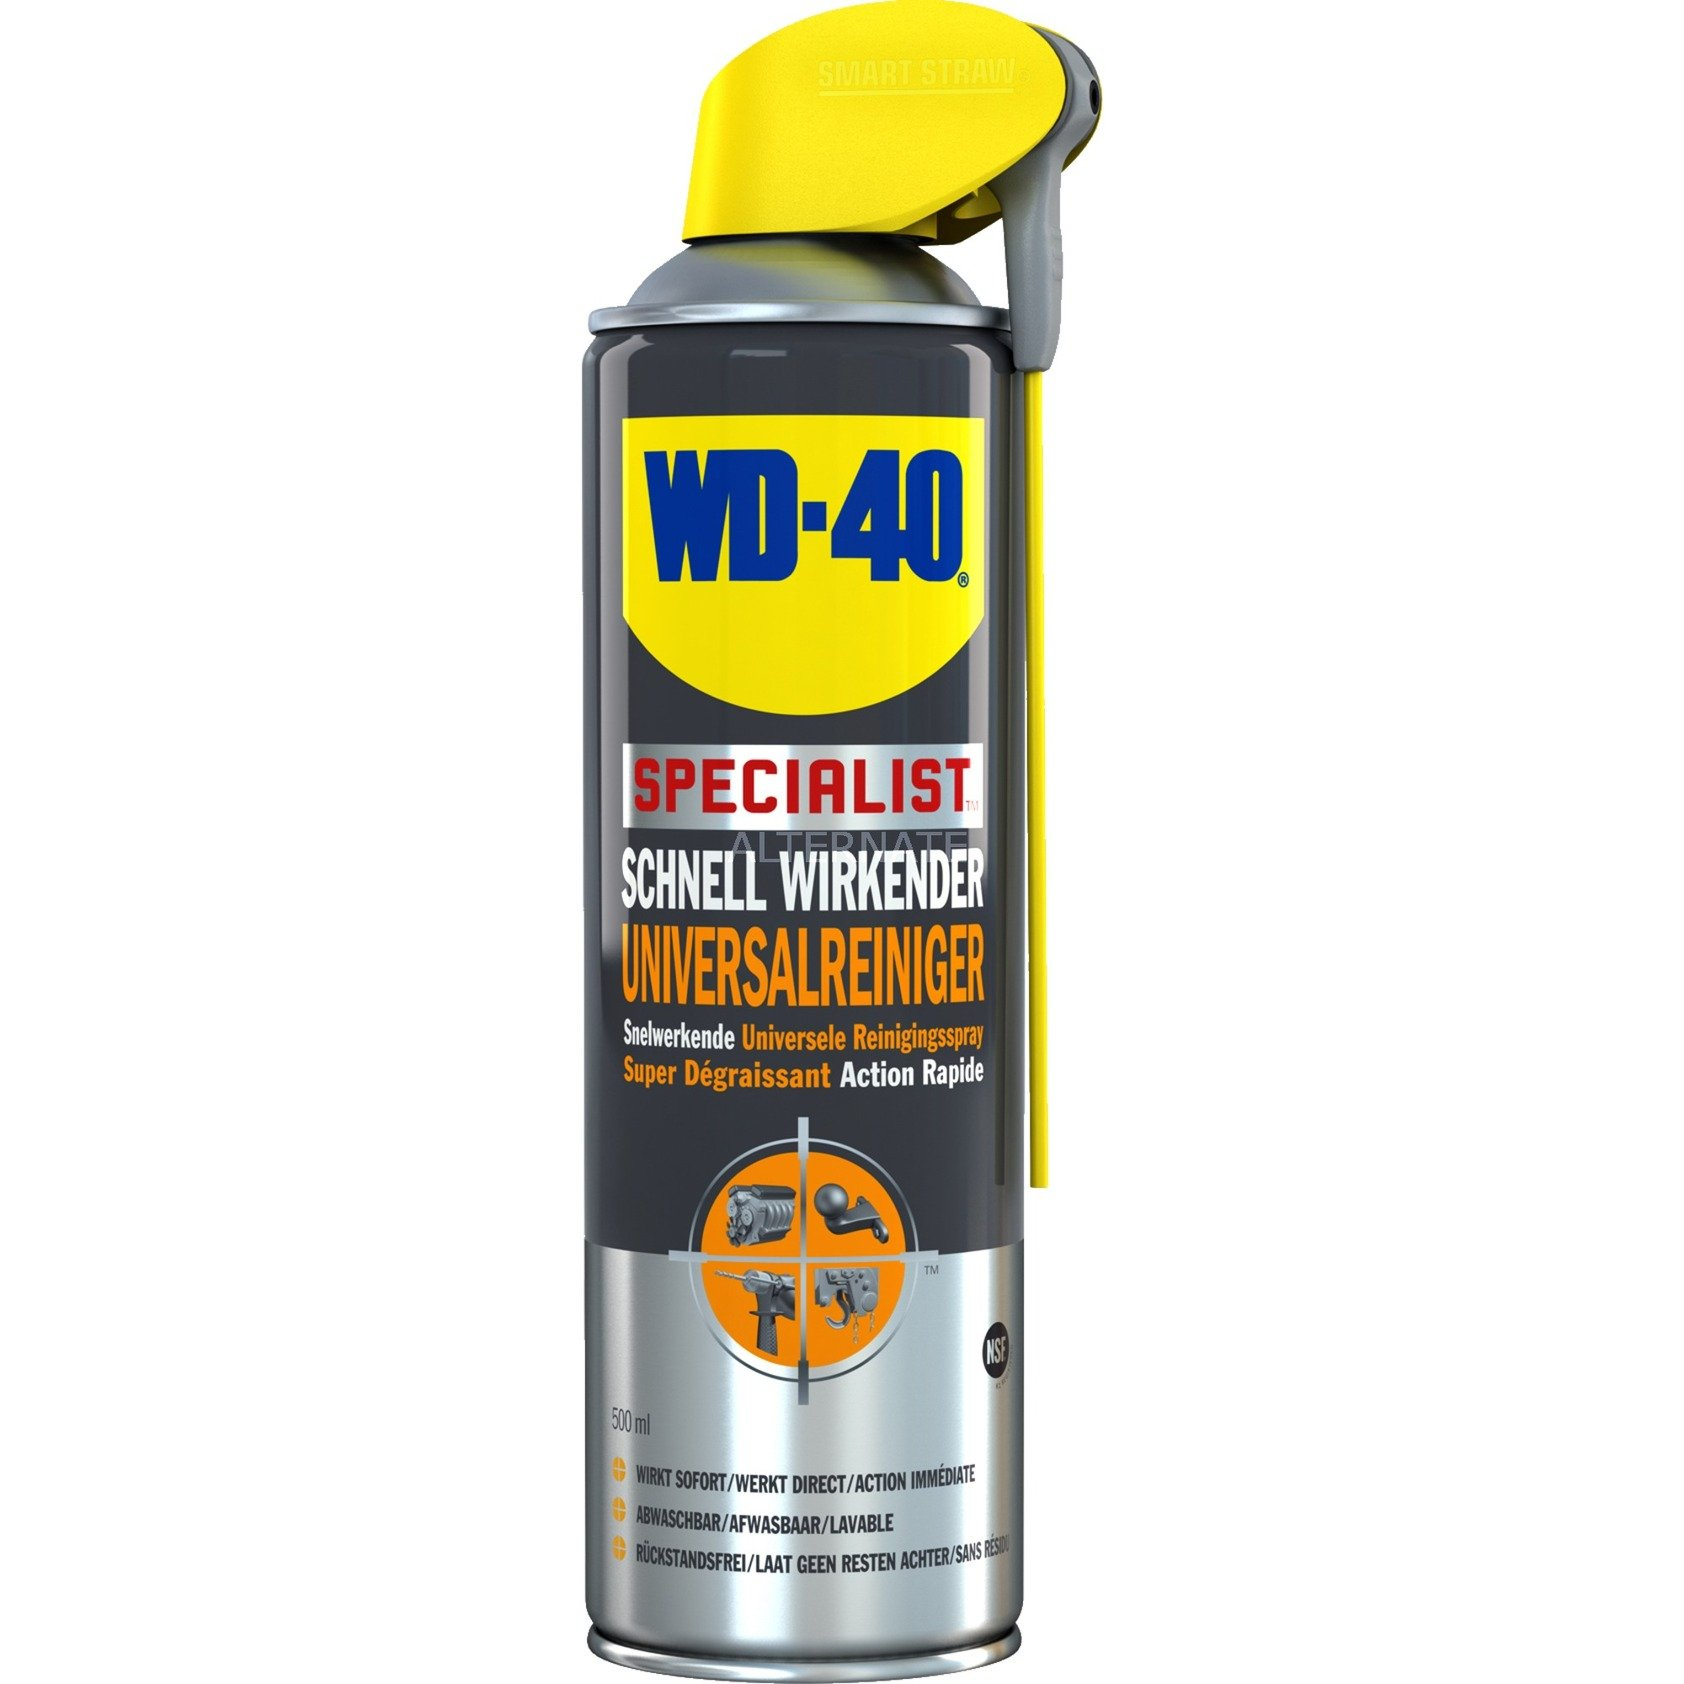 Specialist limpiador de aire comprimido 400 ml, Productos de limpieza